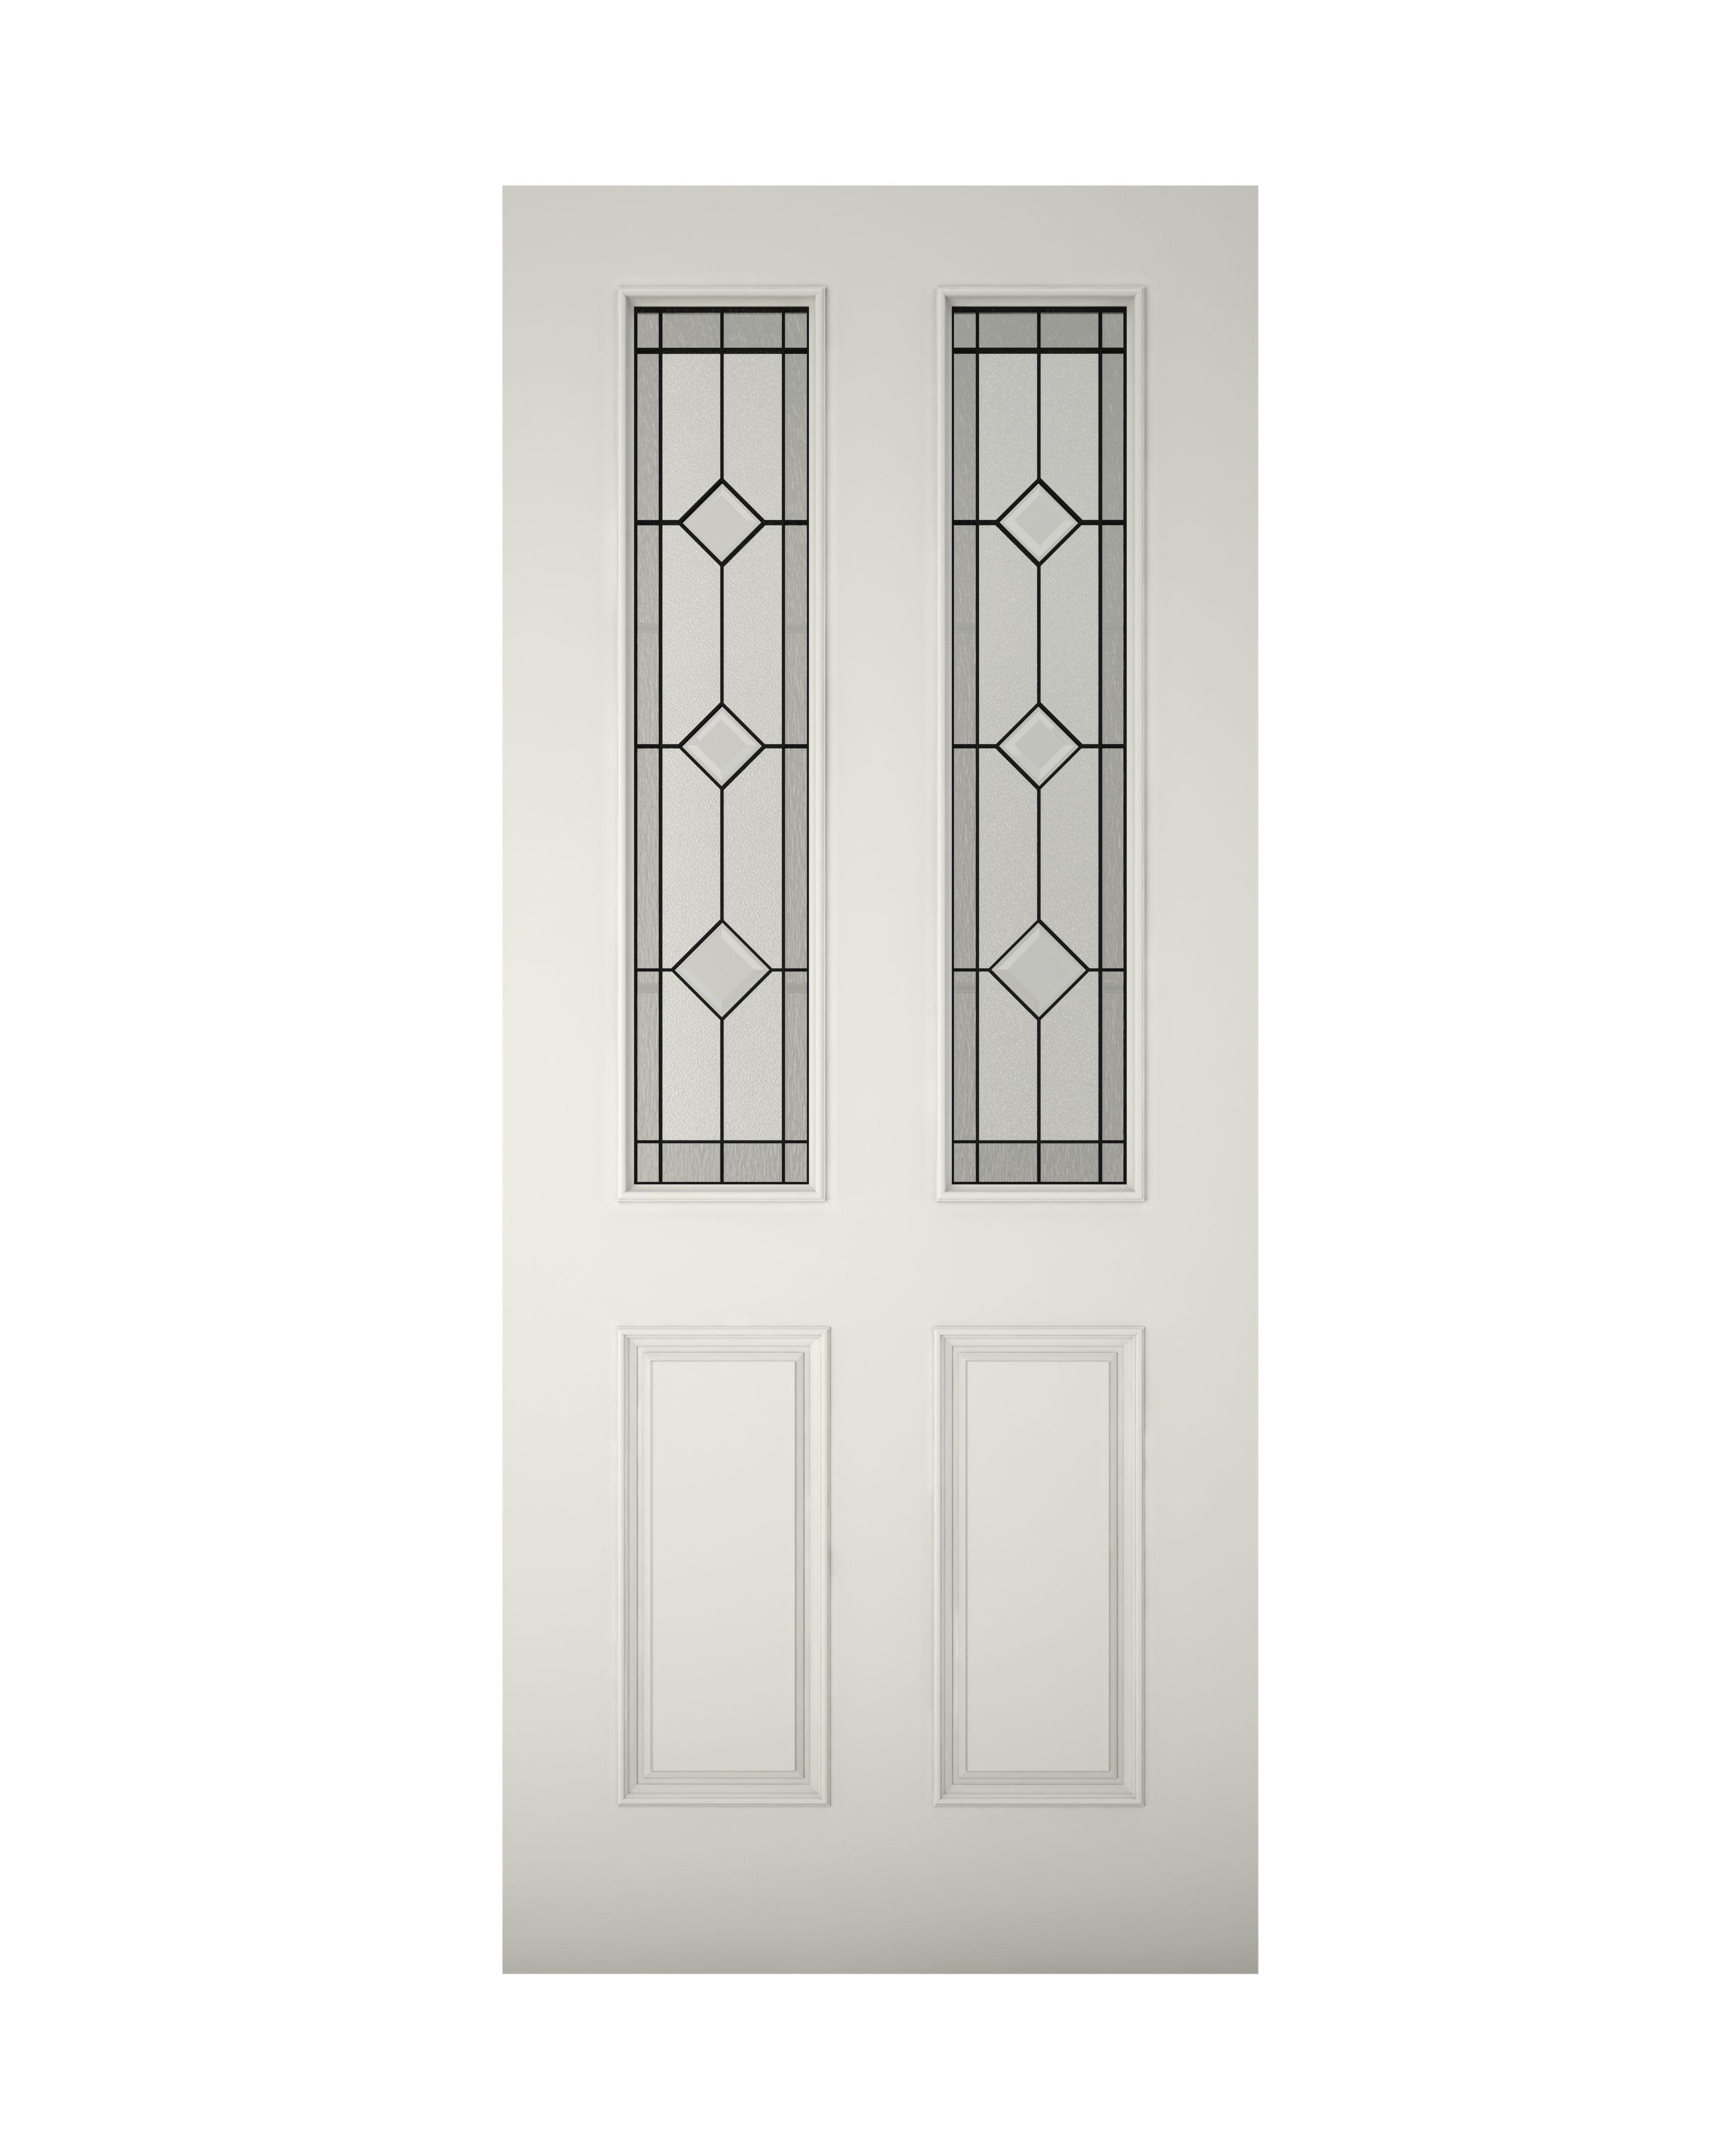 Front Door Frame: 4 Panel Primed Glazed Front Door & Frame With Letter Plate